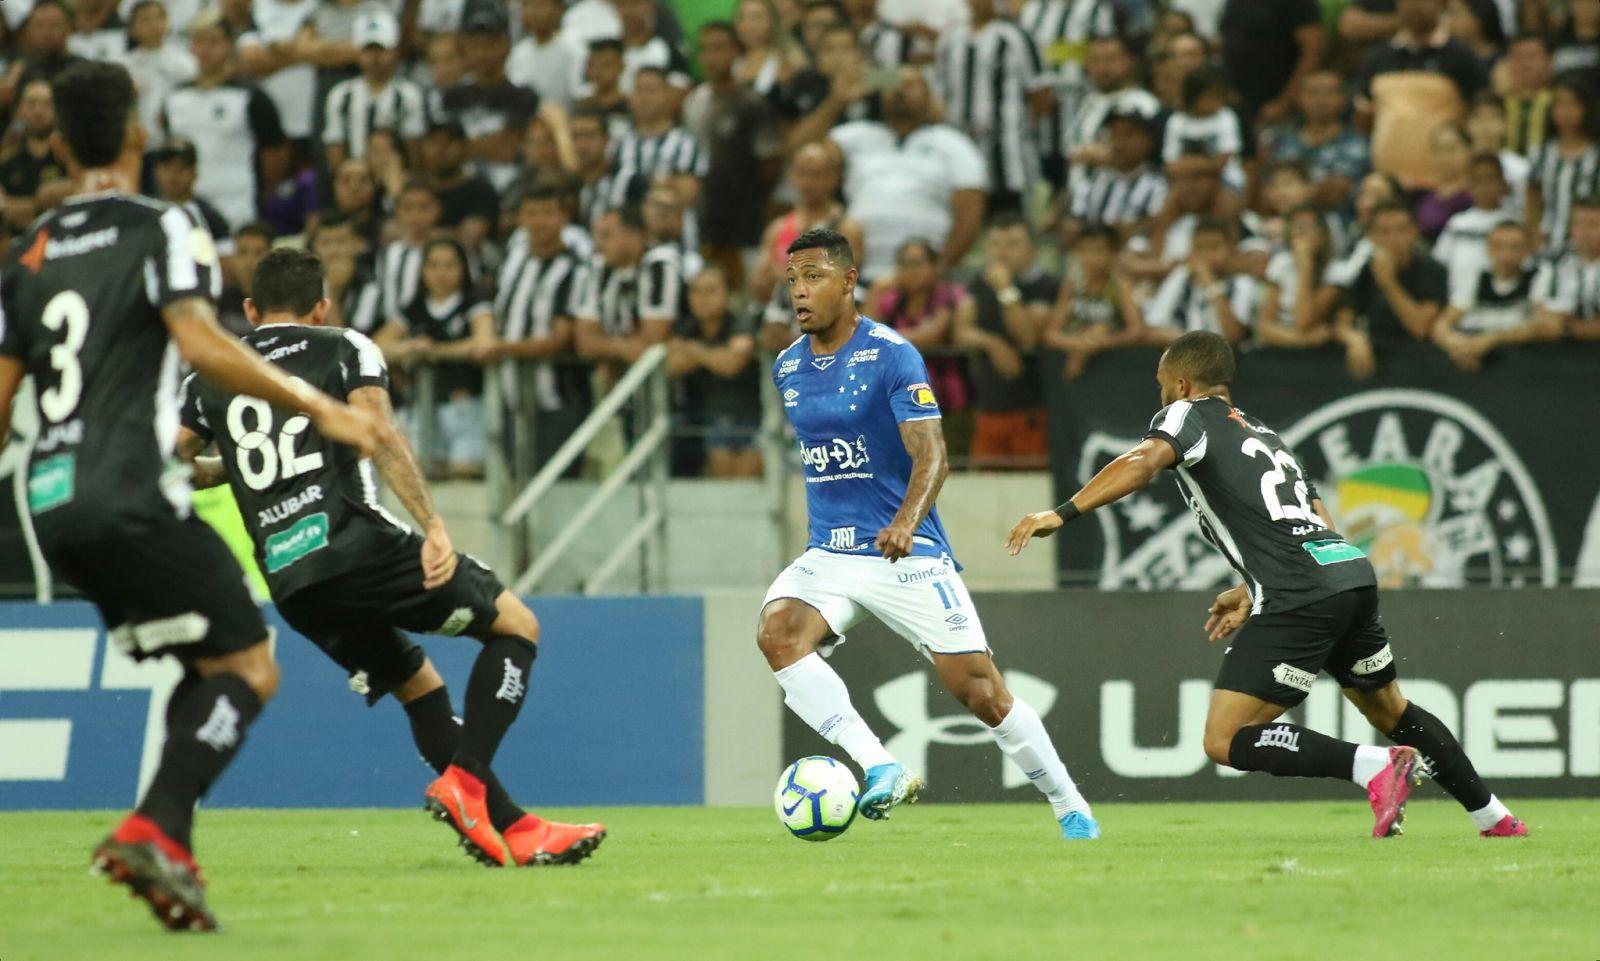 Pedro Rocha, atacante do Cruzeiro, sofreu uma lesão e deixou o gramado ainda no primeiro tempo na partida contra o Ceará. (Foto: Angel Drummond)